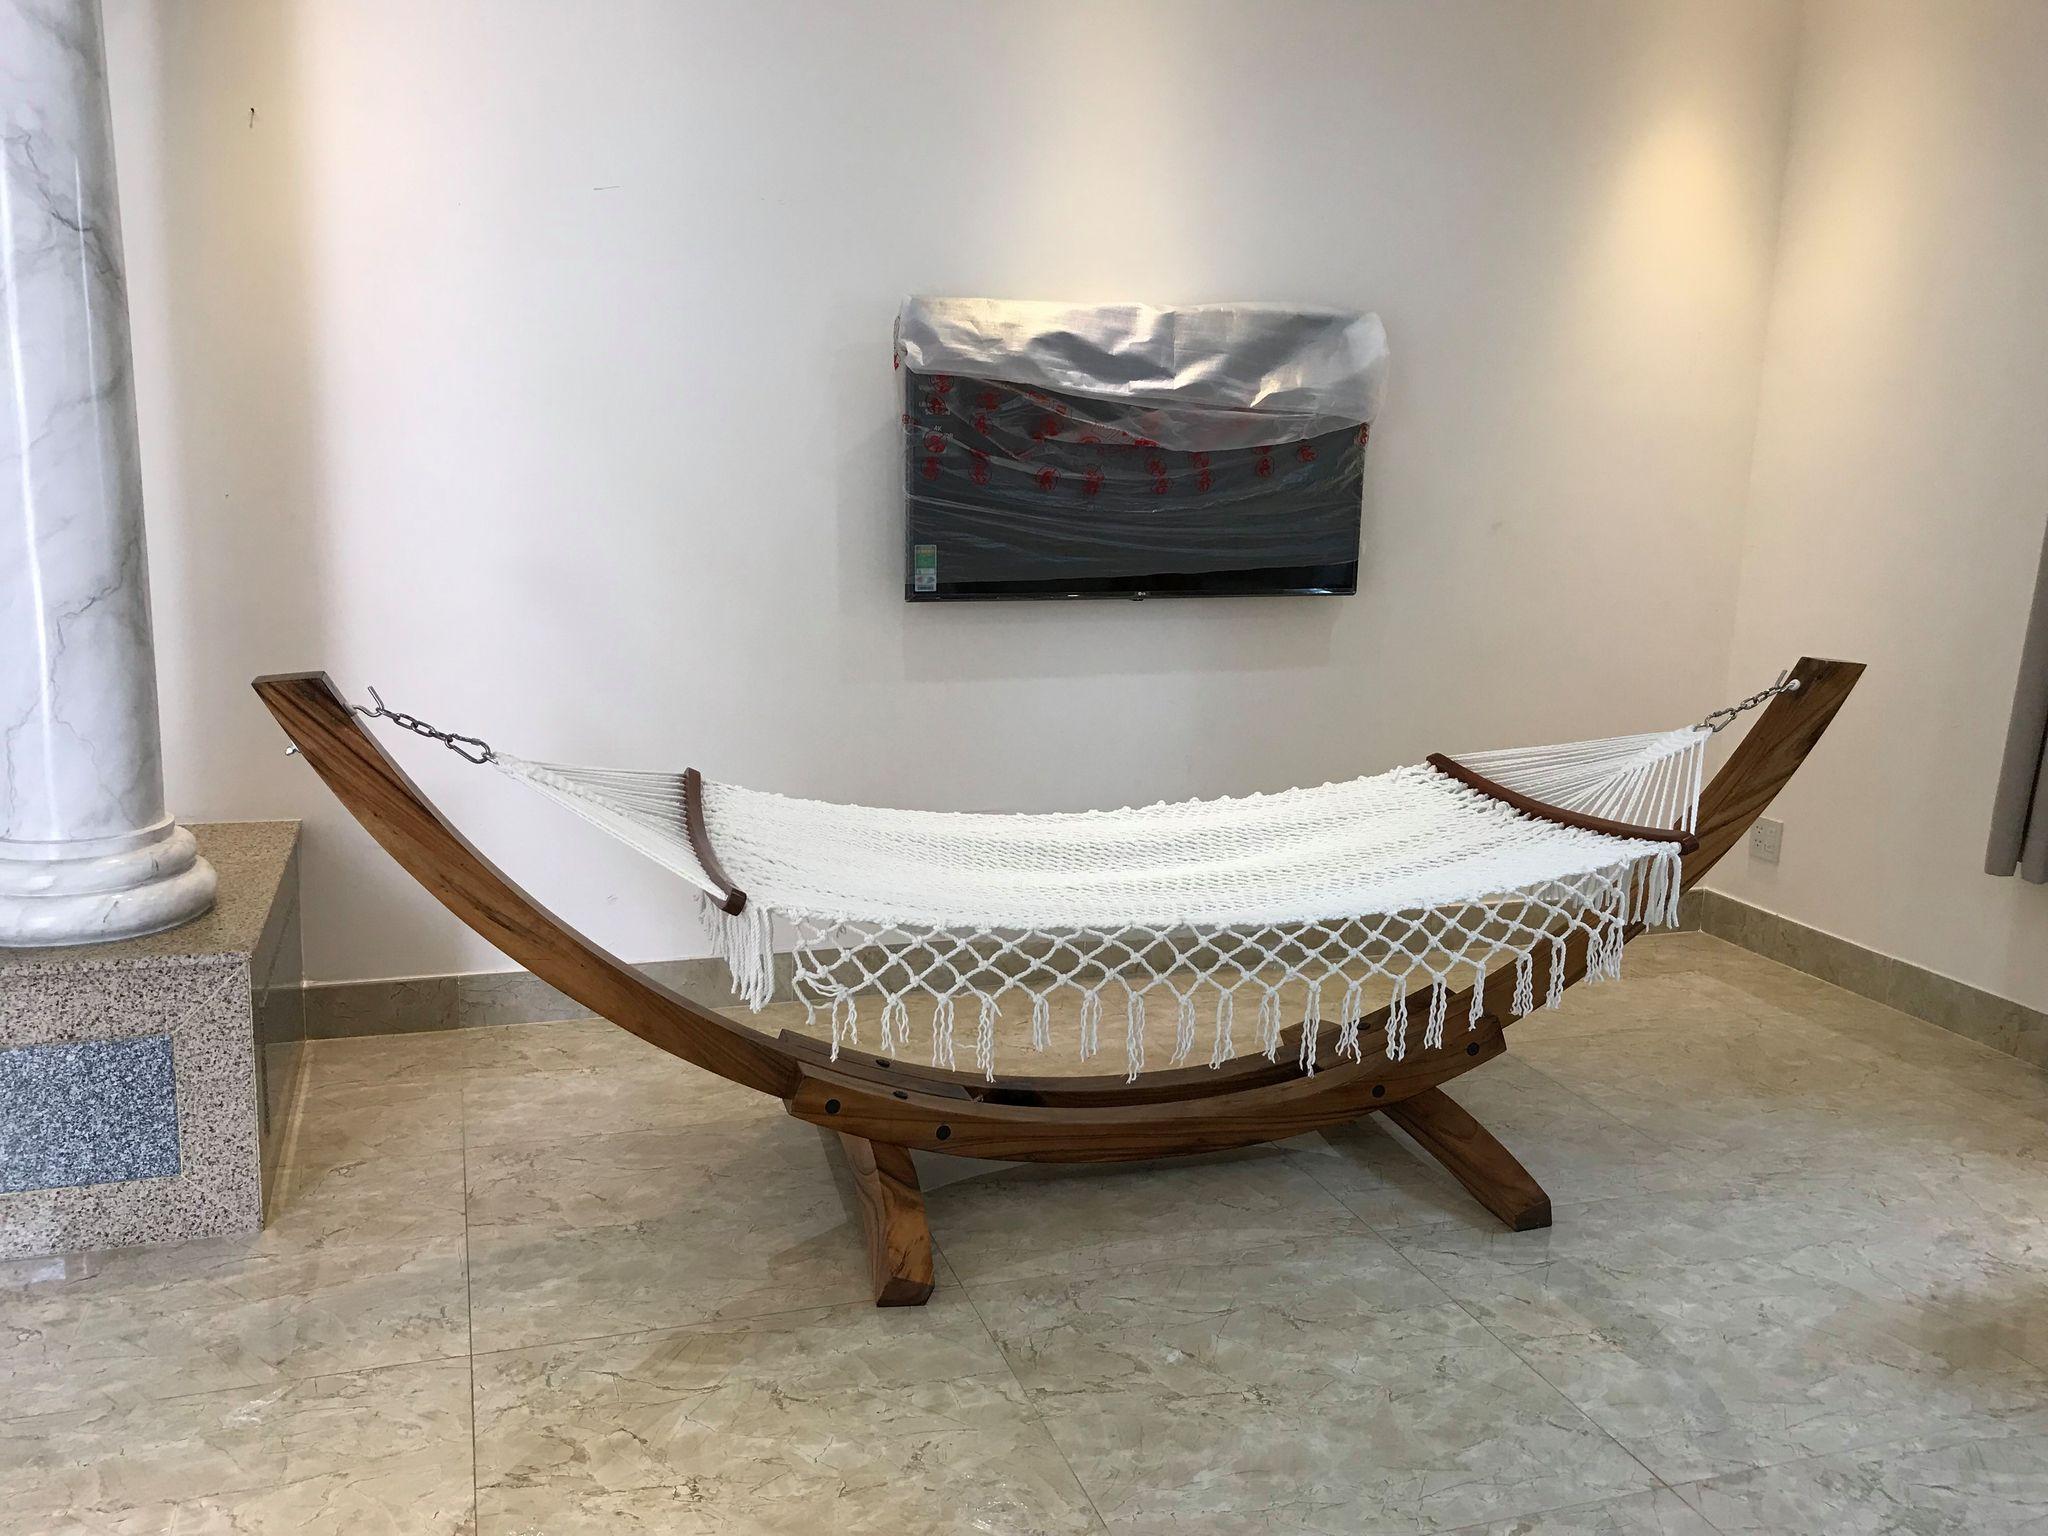 Võng gỗ huyện Hóc Môn tôn lên vẻ đẹp của không gian nhà bạn